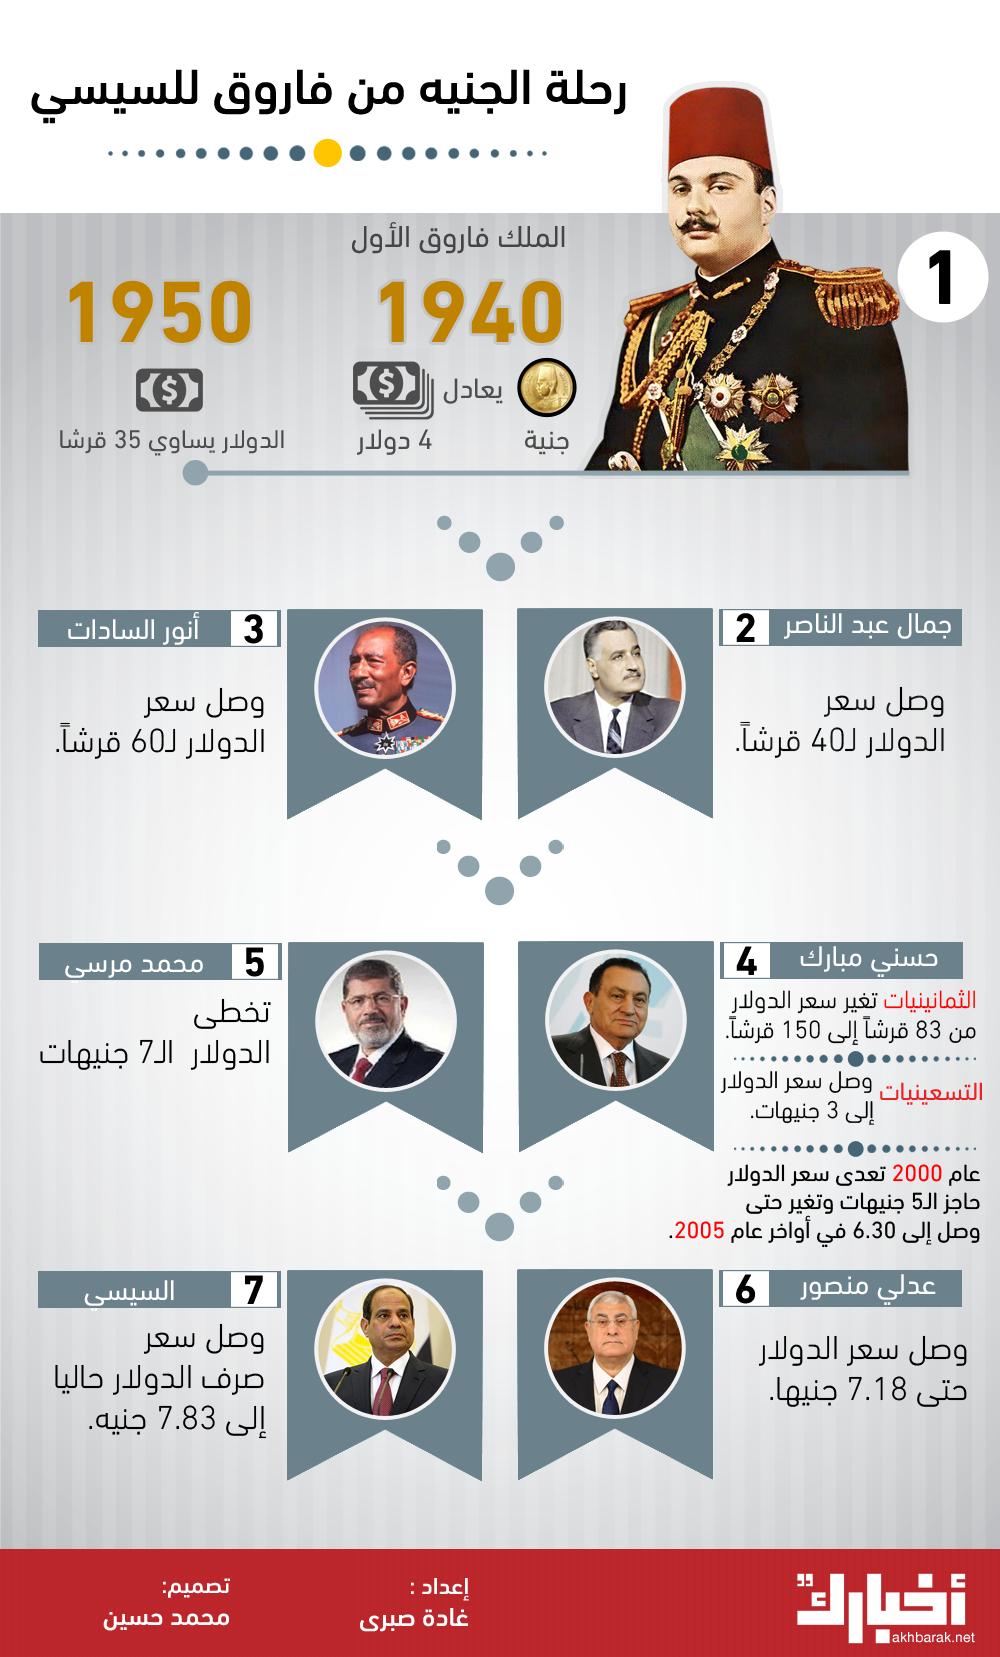 رحلة الجنيه المصري من فاروق للسيسي